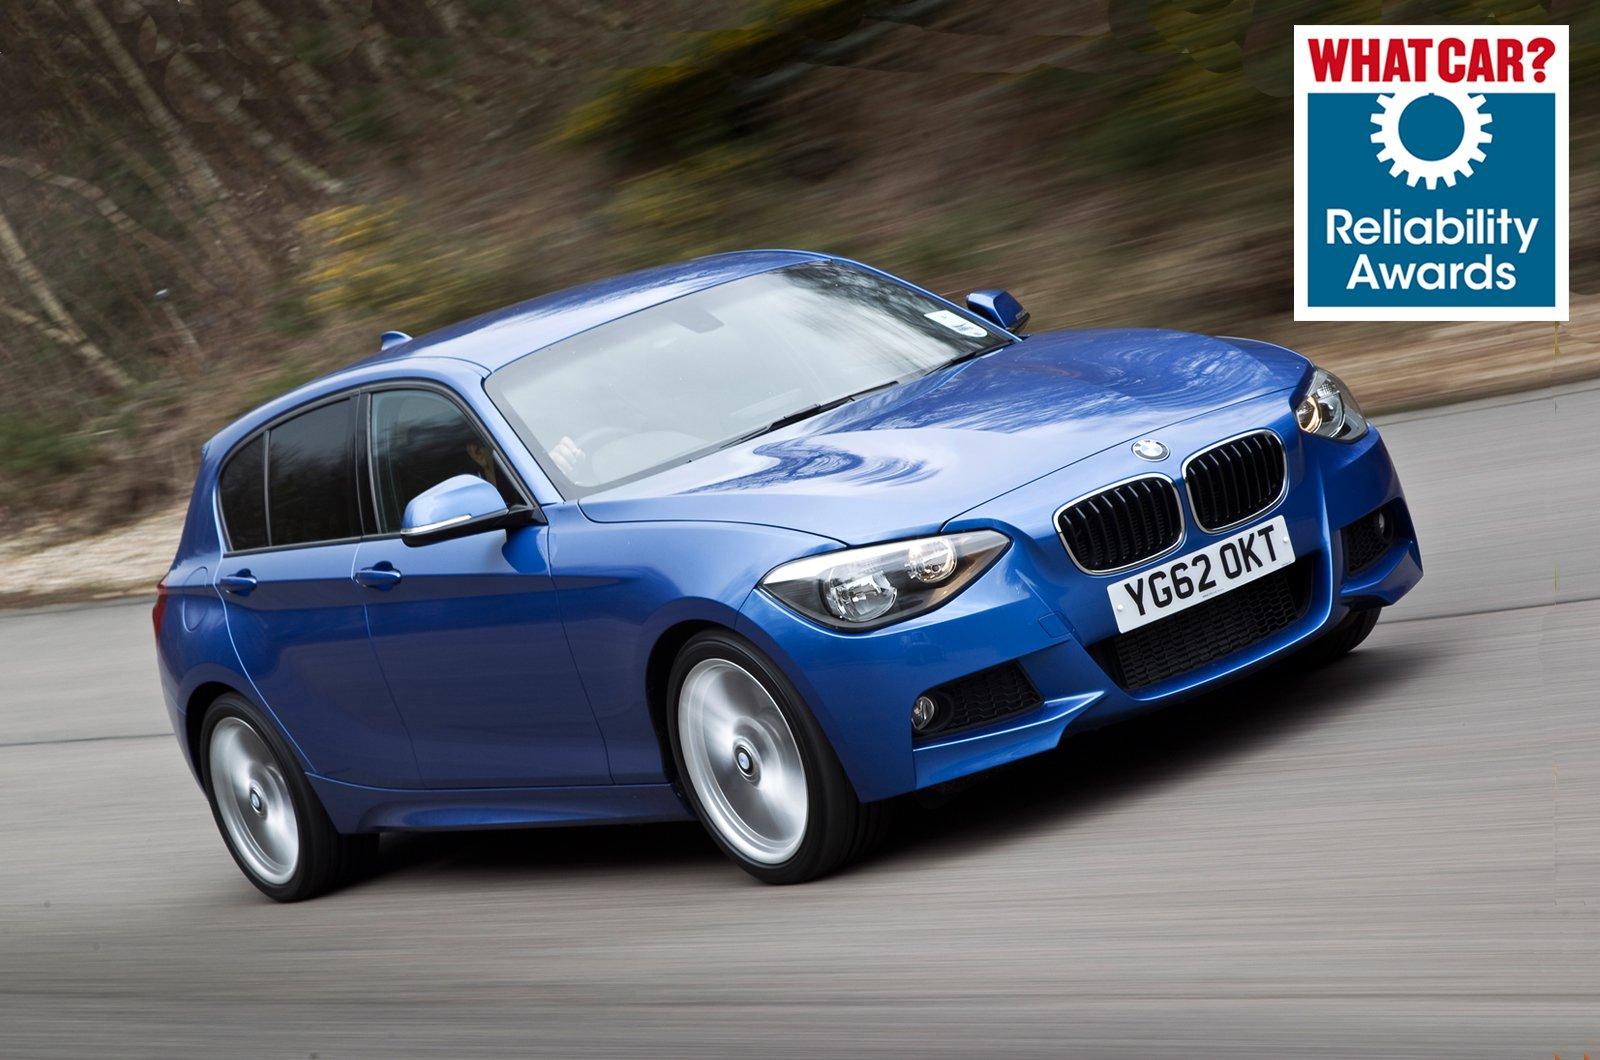 Reliability Awards - BMW 1 Series